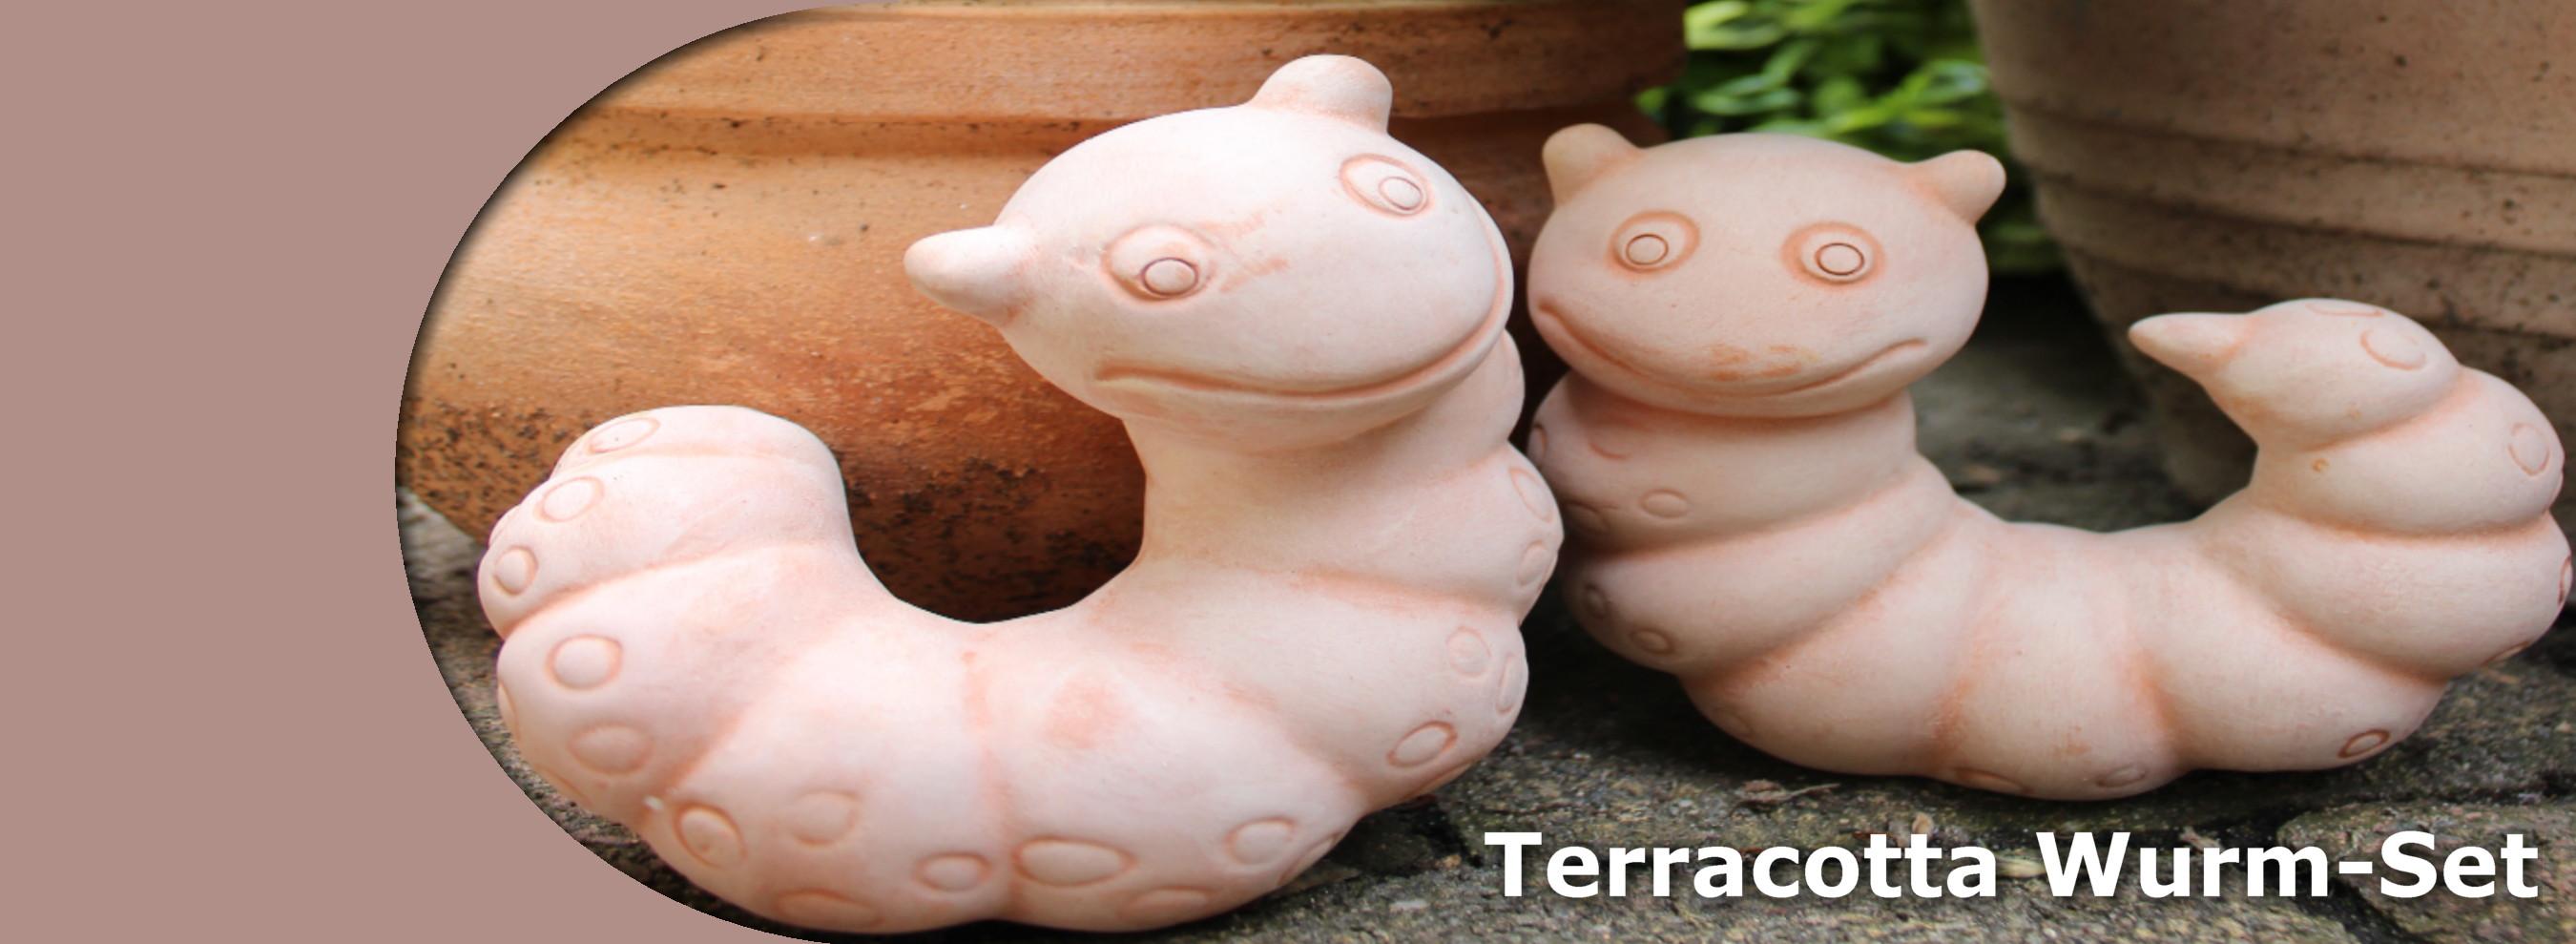 Terracotta wurm set gartendekoration gartendeko dekoration for Terracotta gartendeko